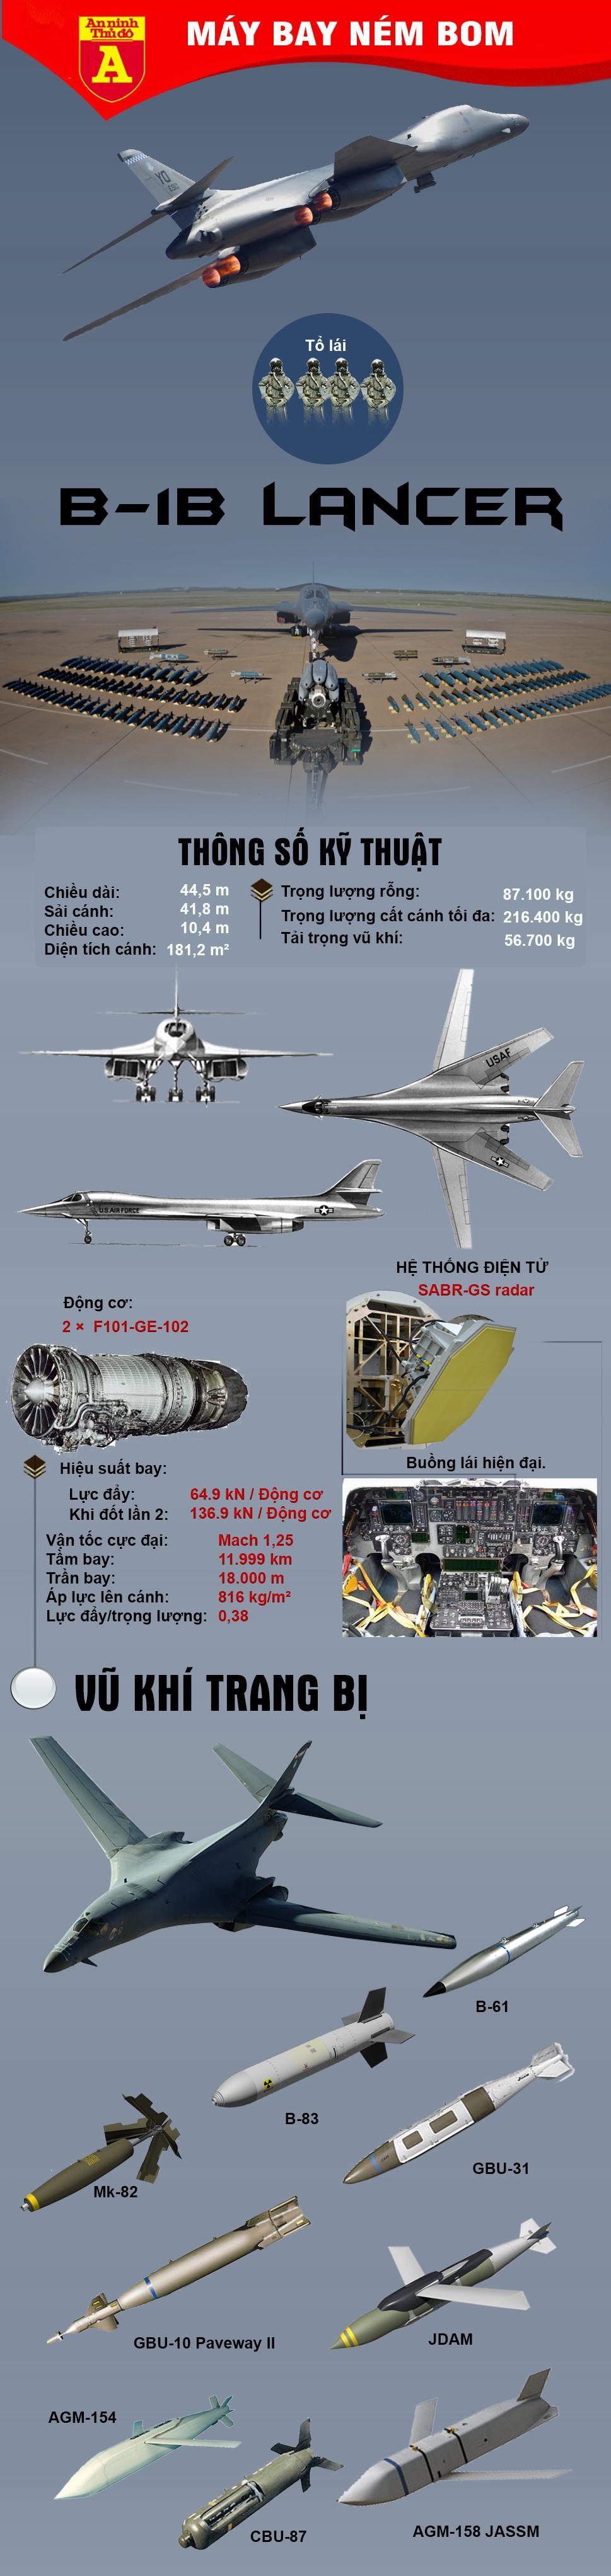 [Info] Máy bay ném bom chiến lược B-1B Lancer Mỹ áp sát biên giới Nga ảnh 2